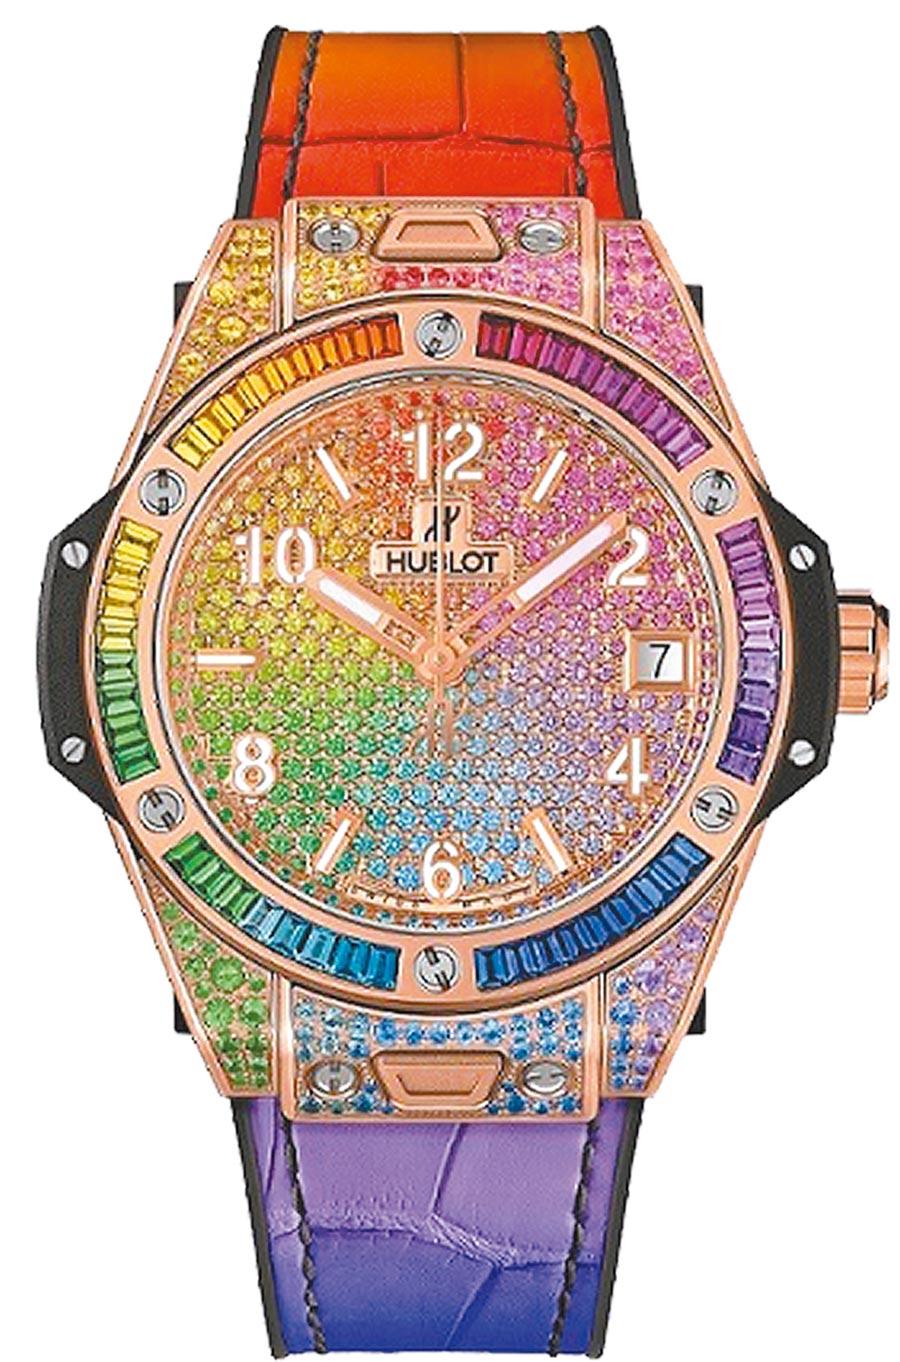 宇舶表超奢版Big Bang One Click彩虹寶石腕表,255萬1000元。(HUBLOT提供)